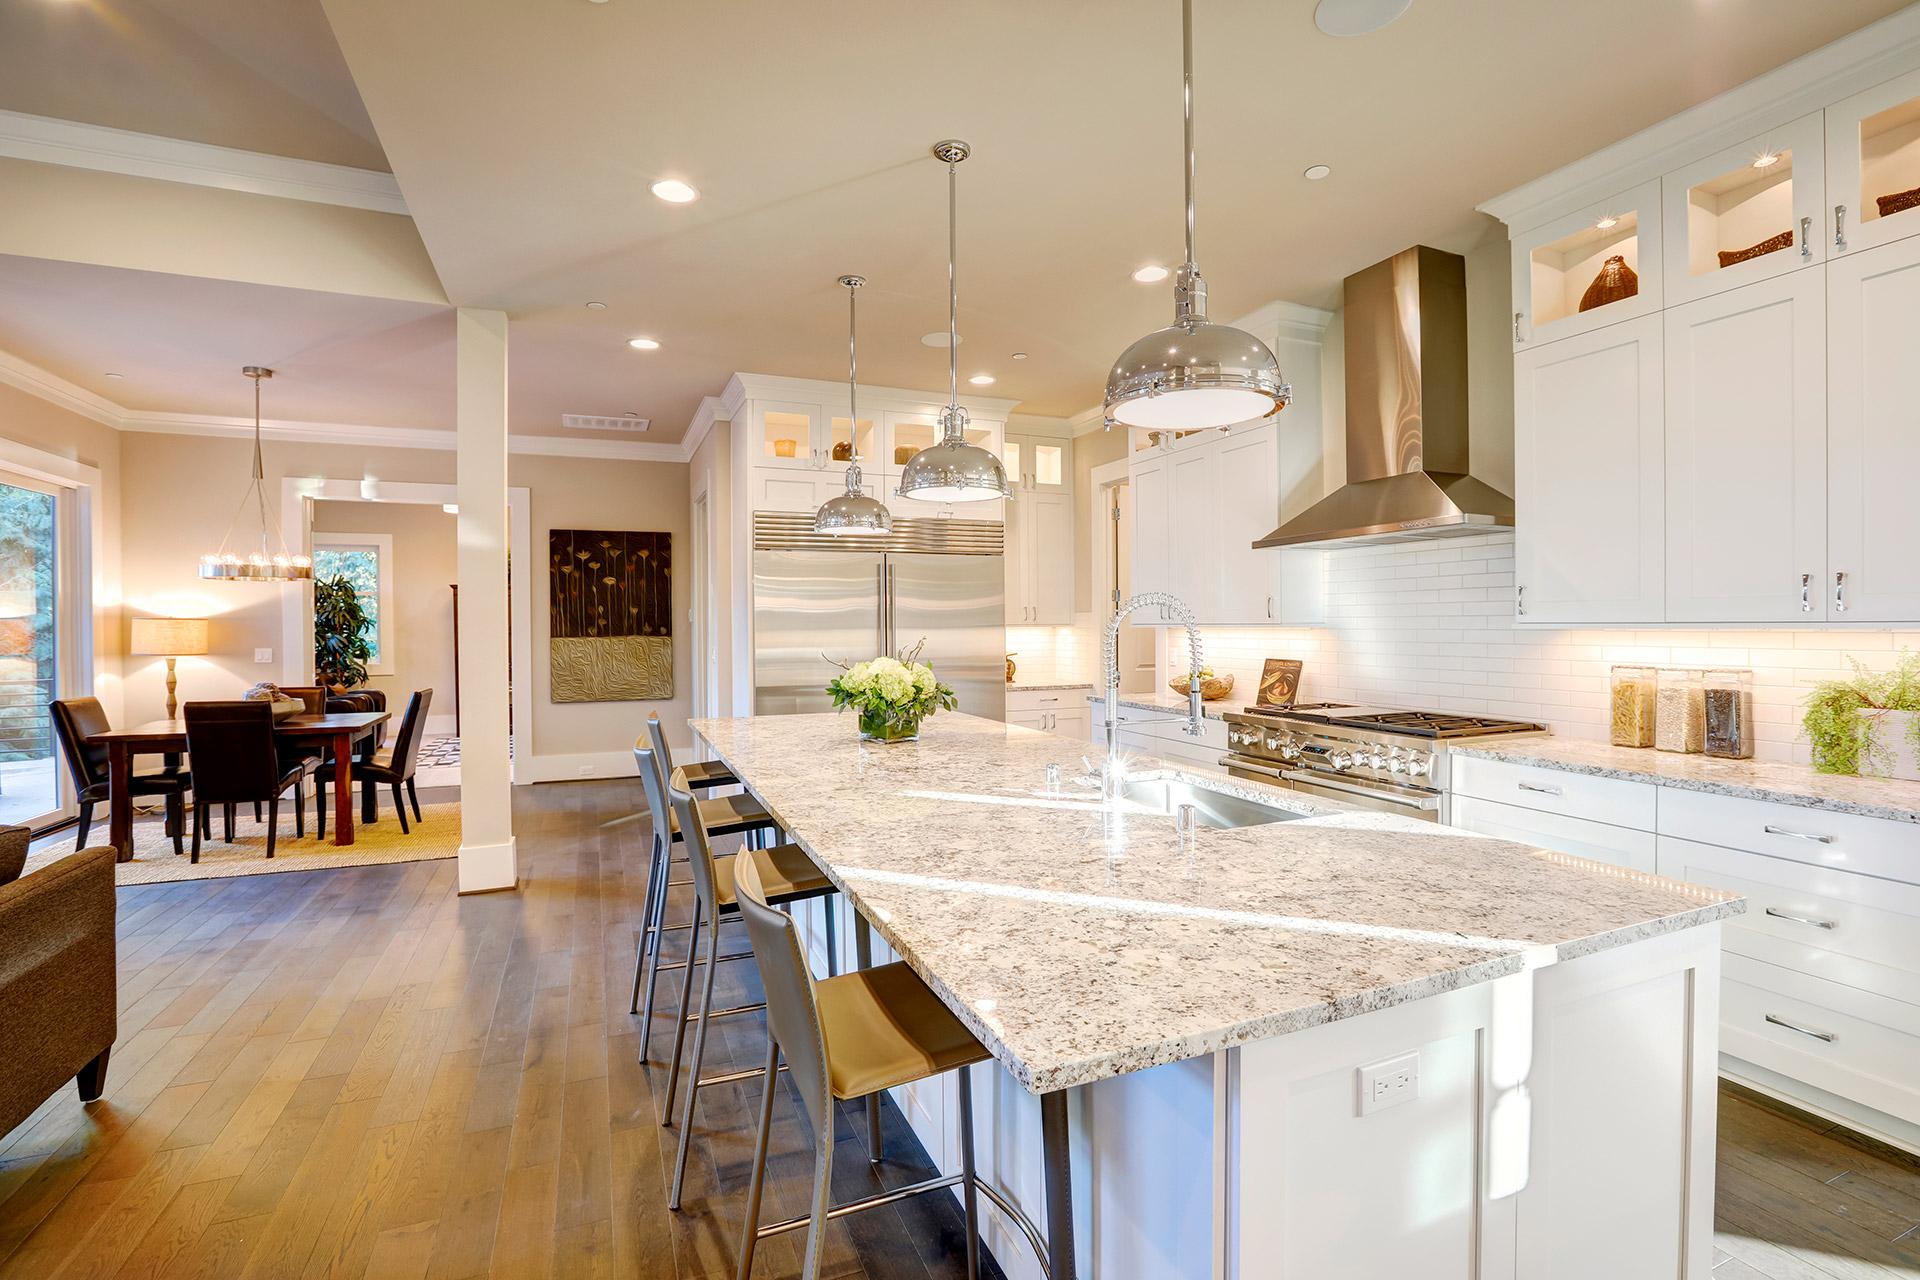 Ilumina O De Led Qualidade E Economia Na Sua Casa Leroy Merlin